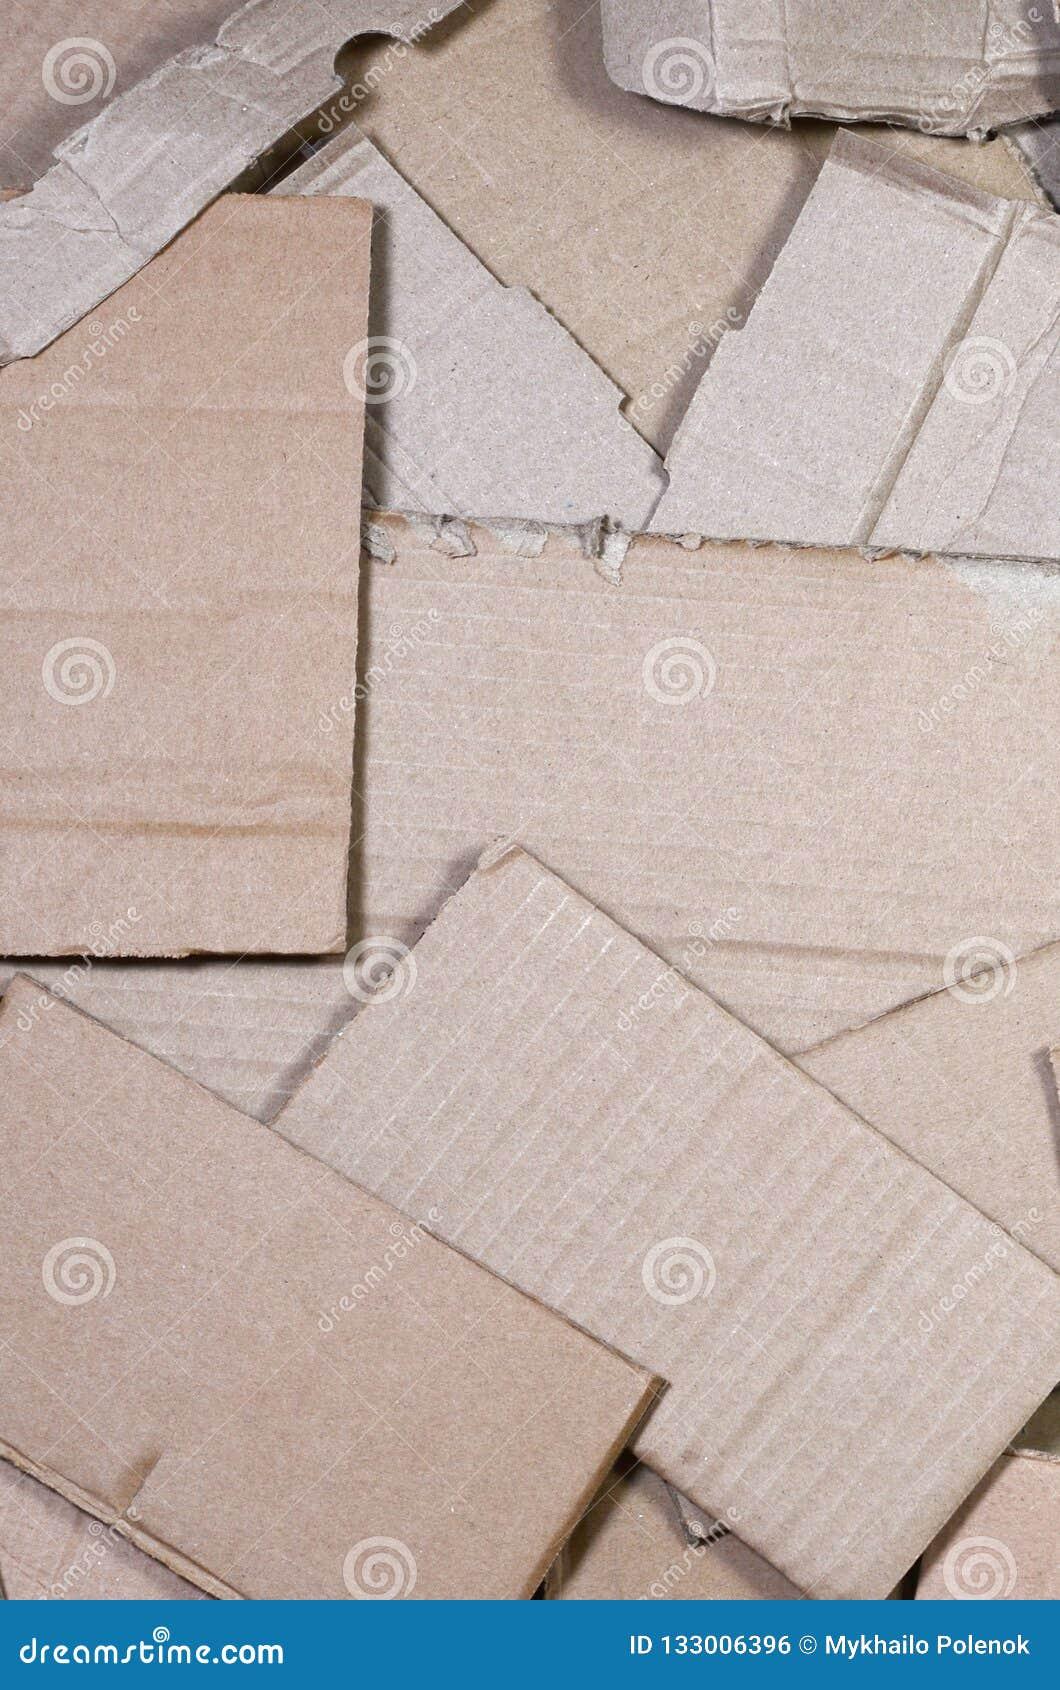 Bakgrund av travt klart för papper texturer att återanvända En packe av gammal kontorspapp för återanvändning av förlorat papper